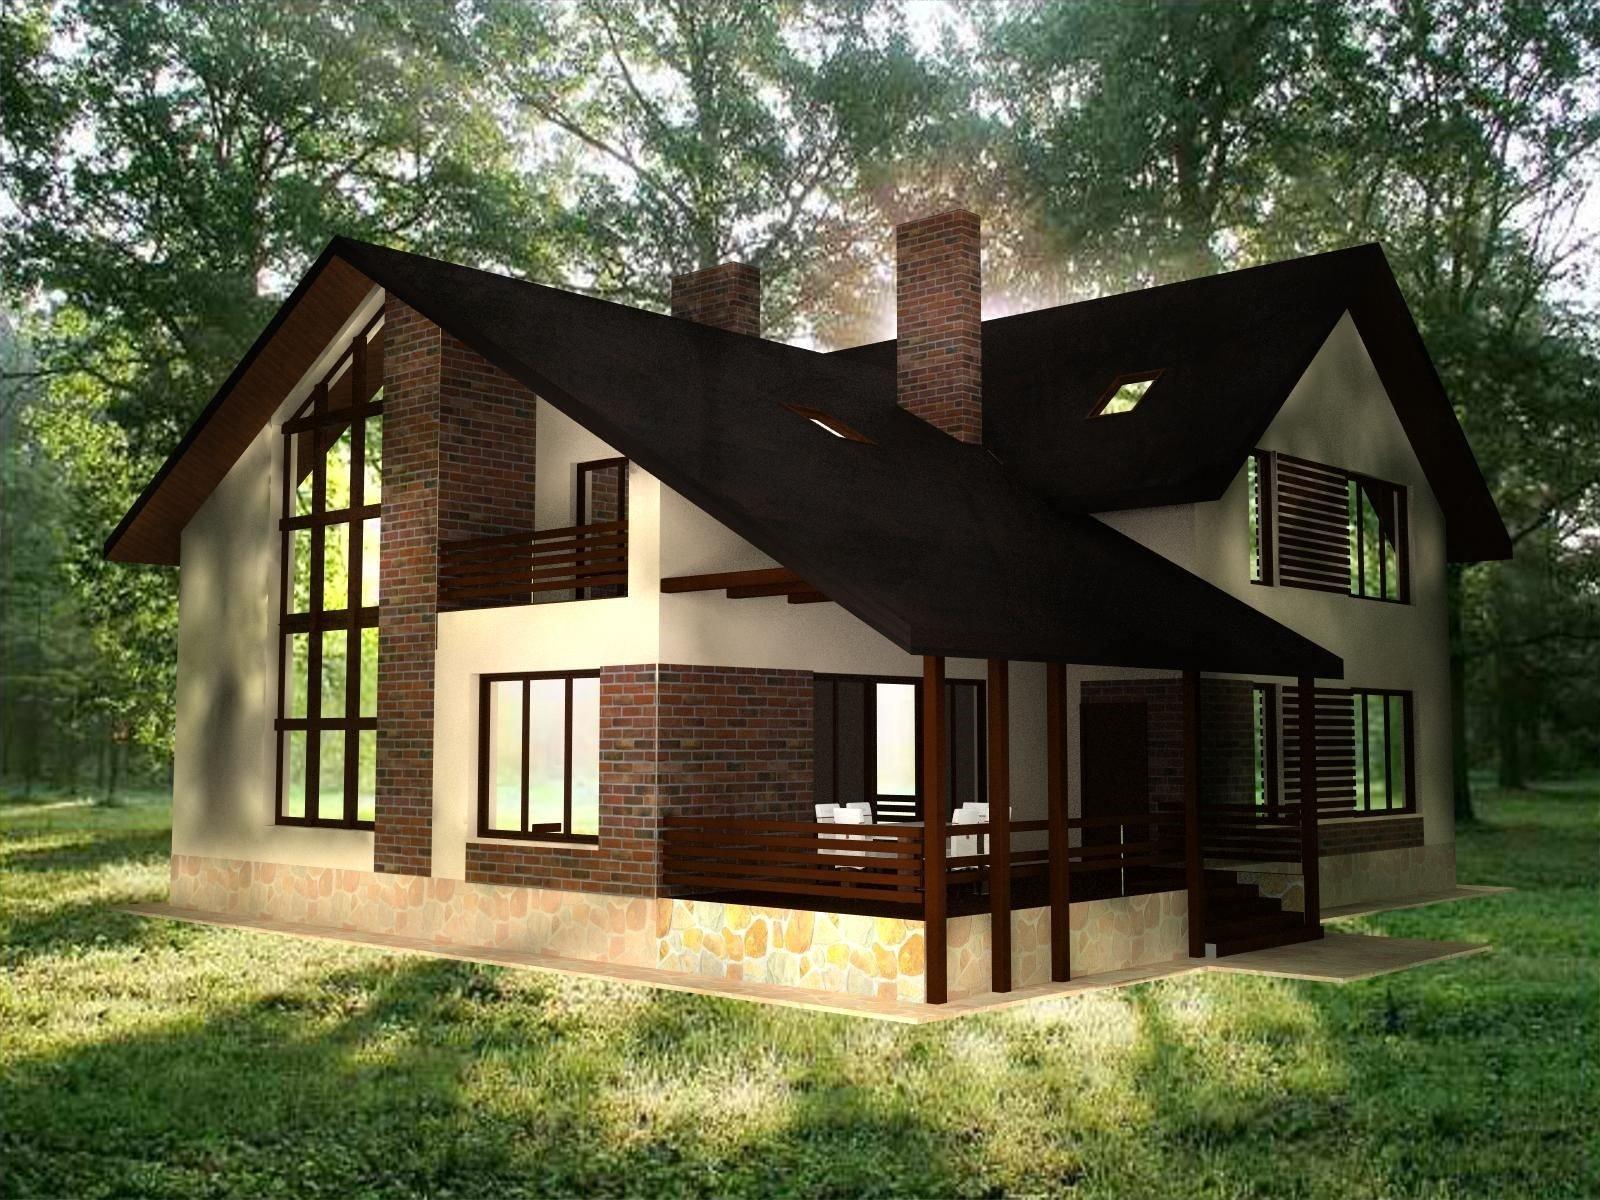 Фасад дома (116 фото): что это такое, виды устройства в частных коттеджах, красивые варианты оформления в одноэтажных зданиях, современные примеры в стиле «шале» или «прованс»